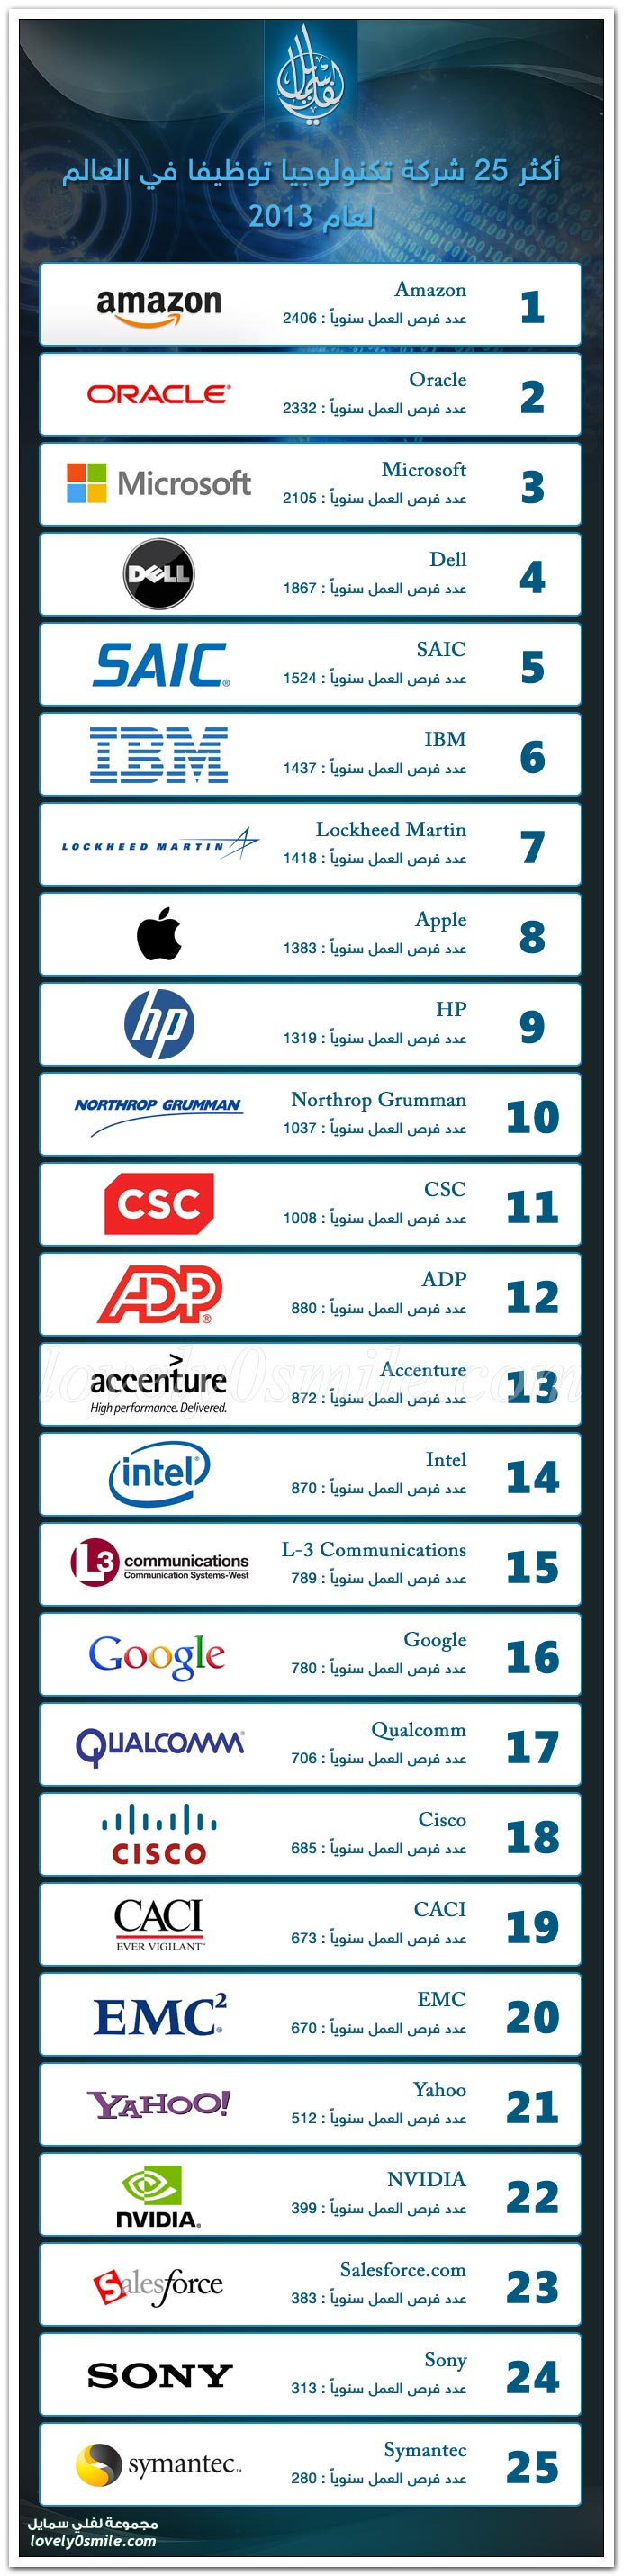 أكثر 25 شركة تكنولوجيا توظيفا في العالم لعام 2013